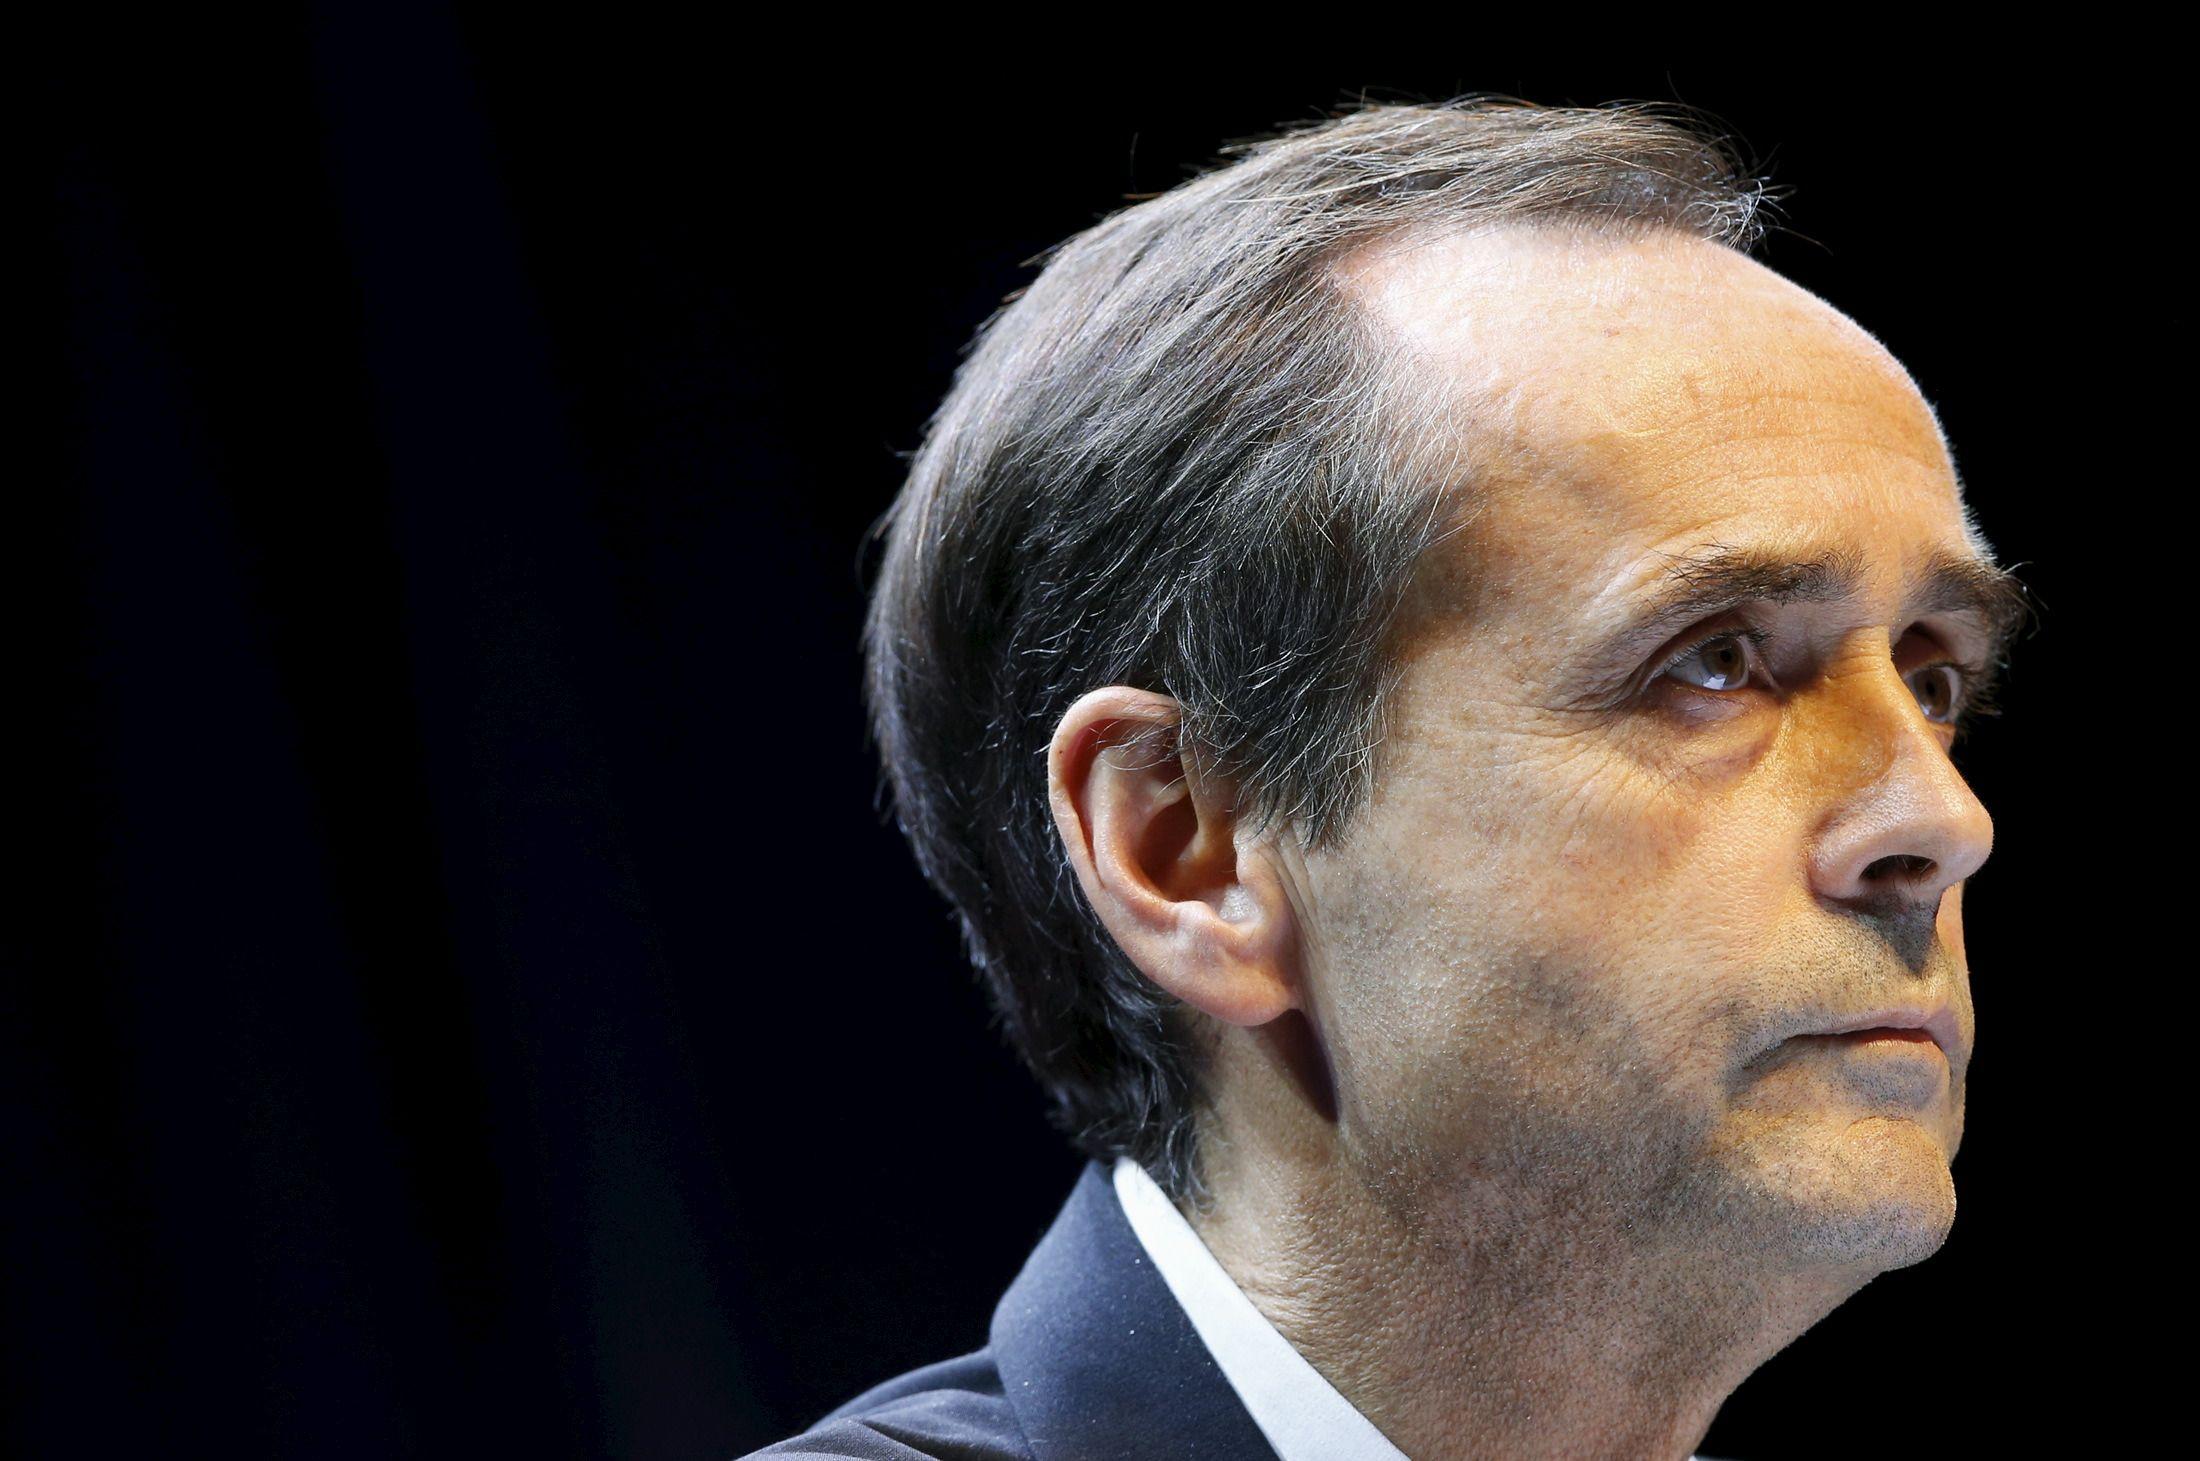 Béziers : l'État va saisir la justice sur le référendum anti-migrants porté par Robert Ménard